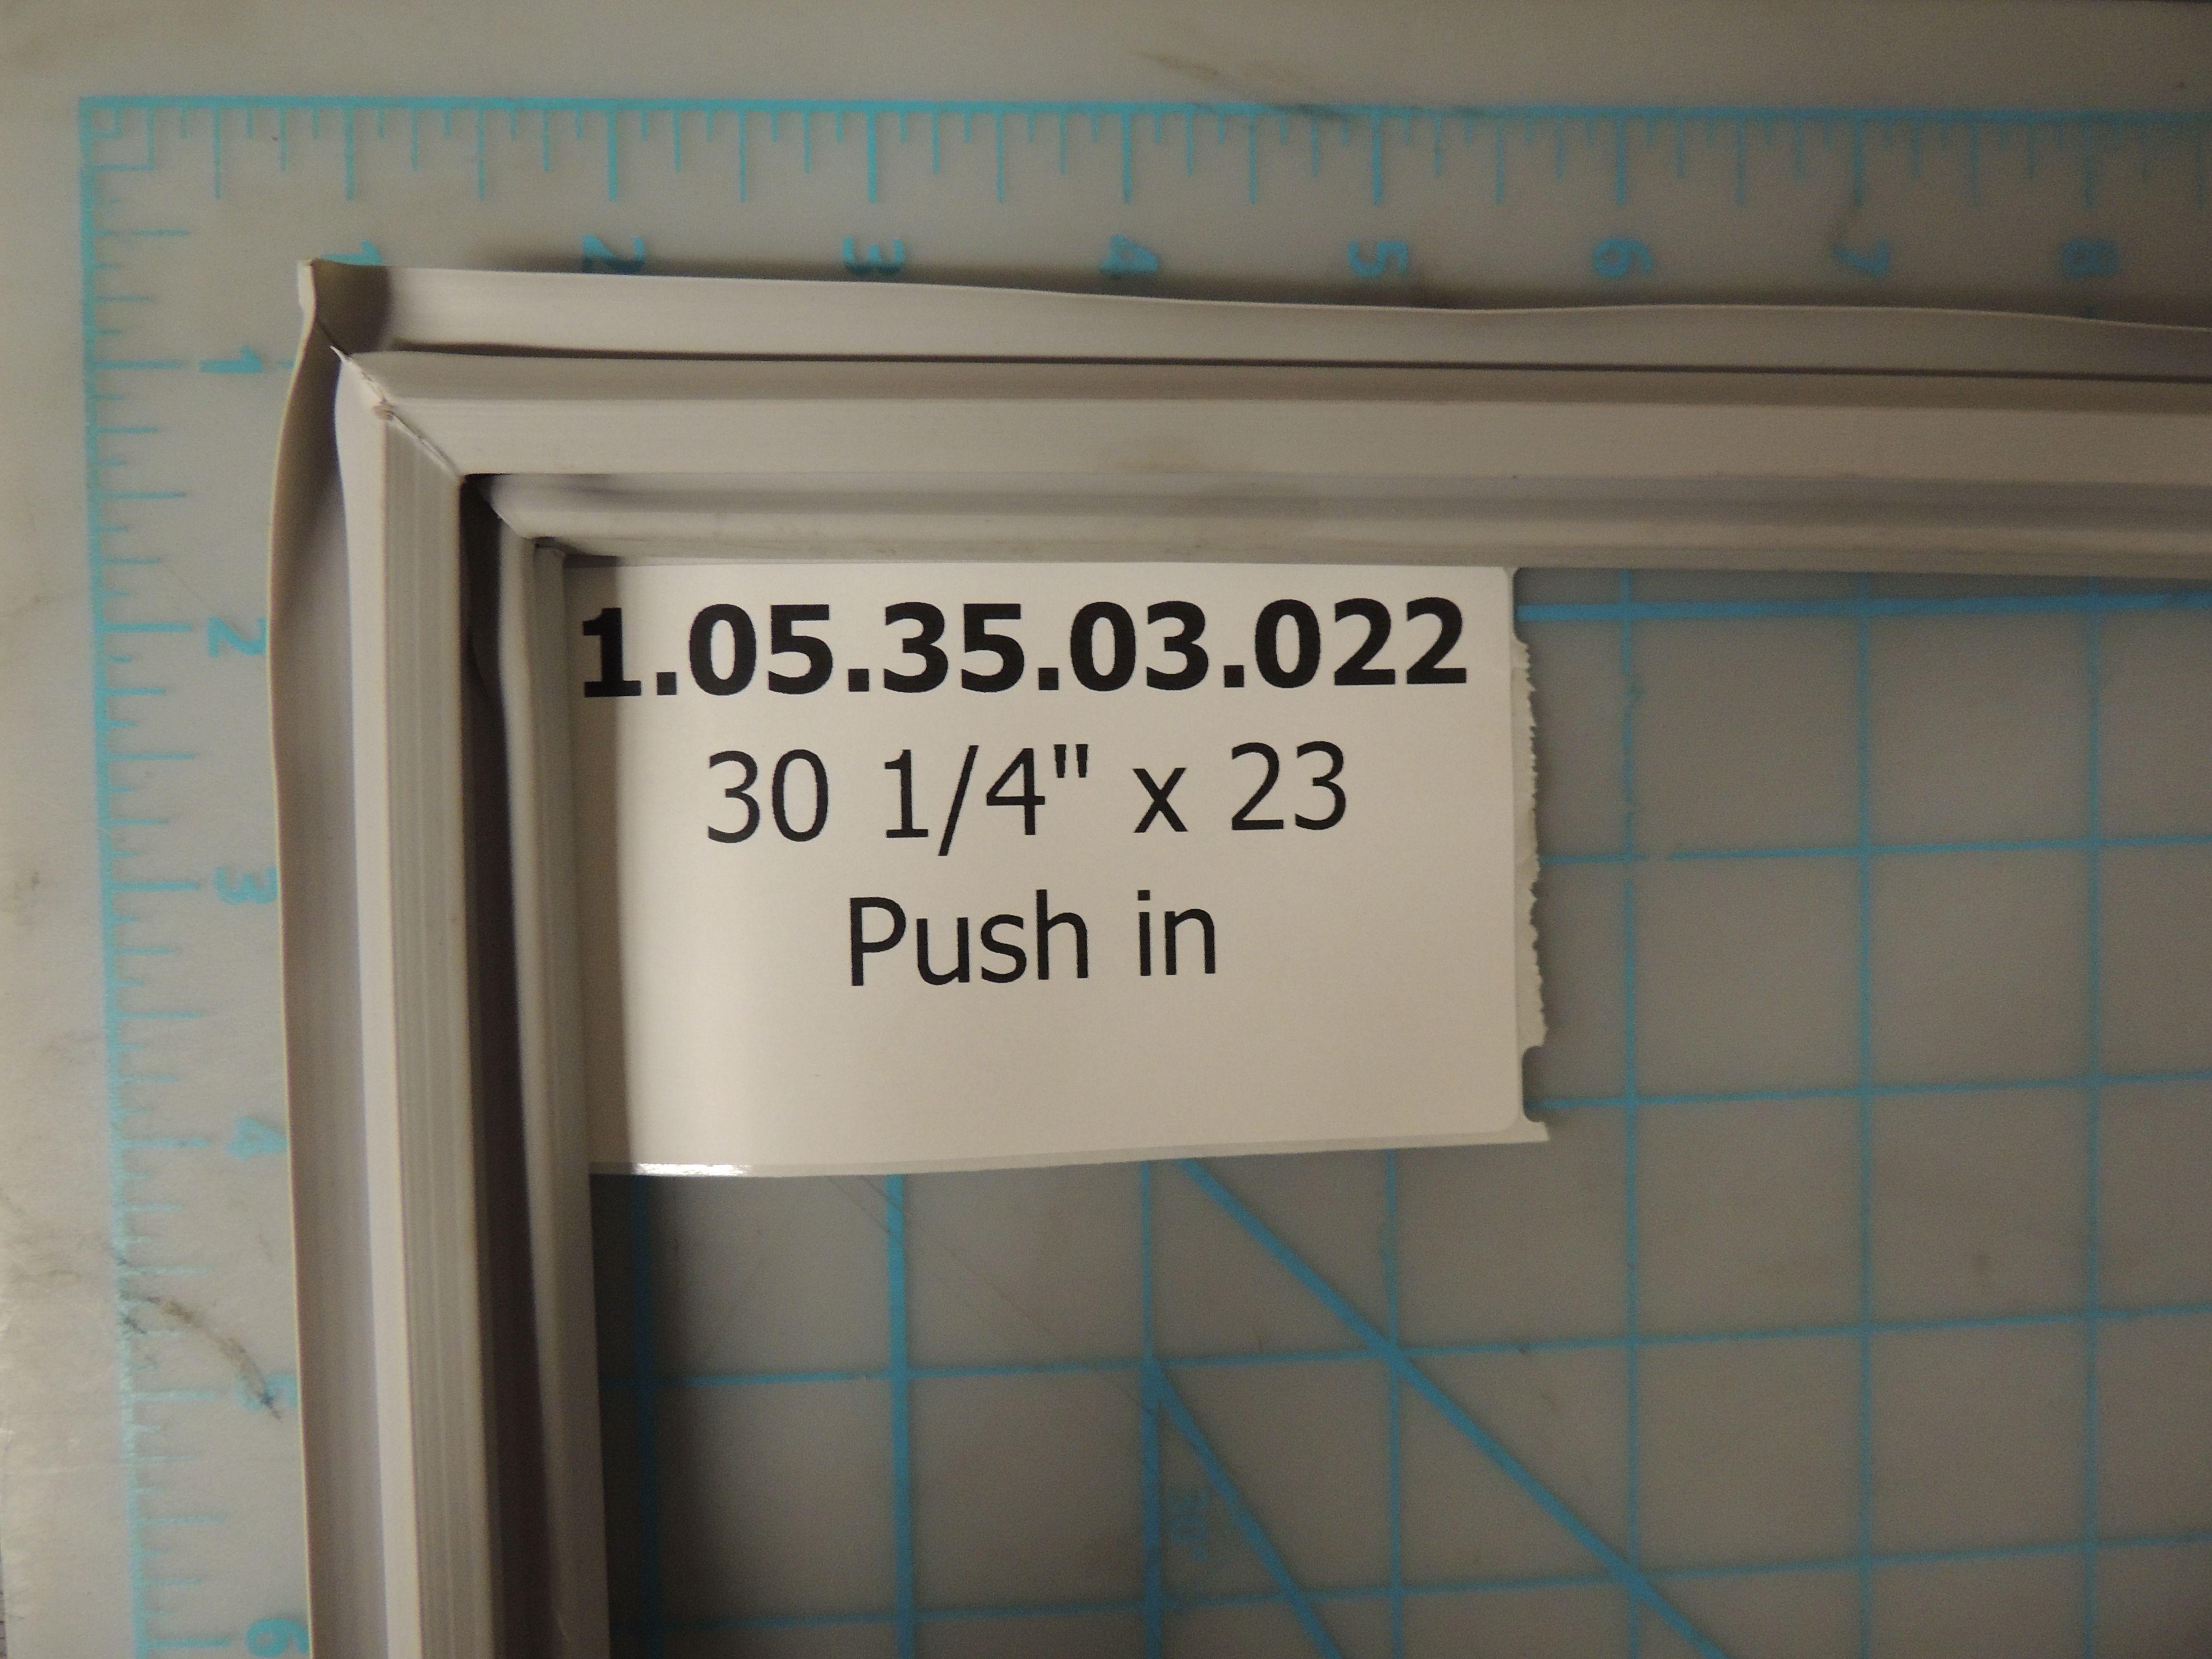 DAR604 DOOR GASKET LIGHT GREY